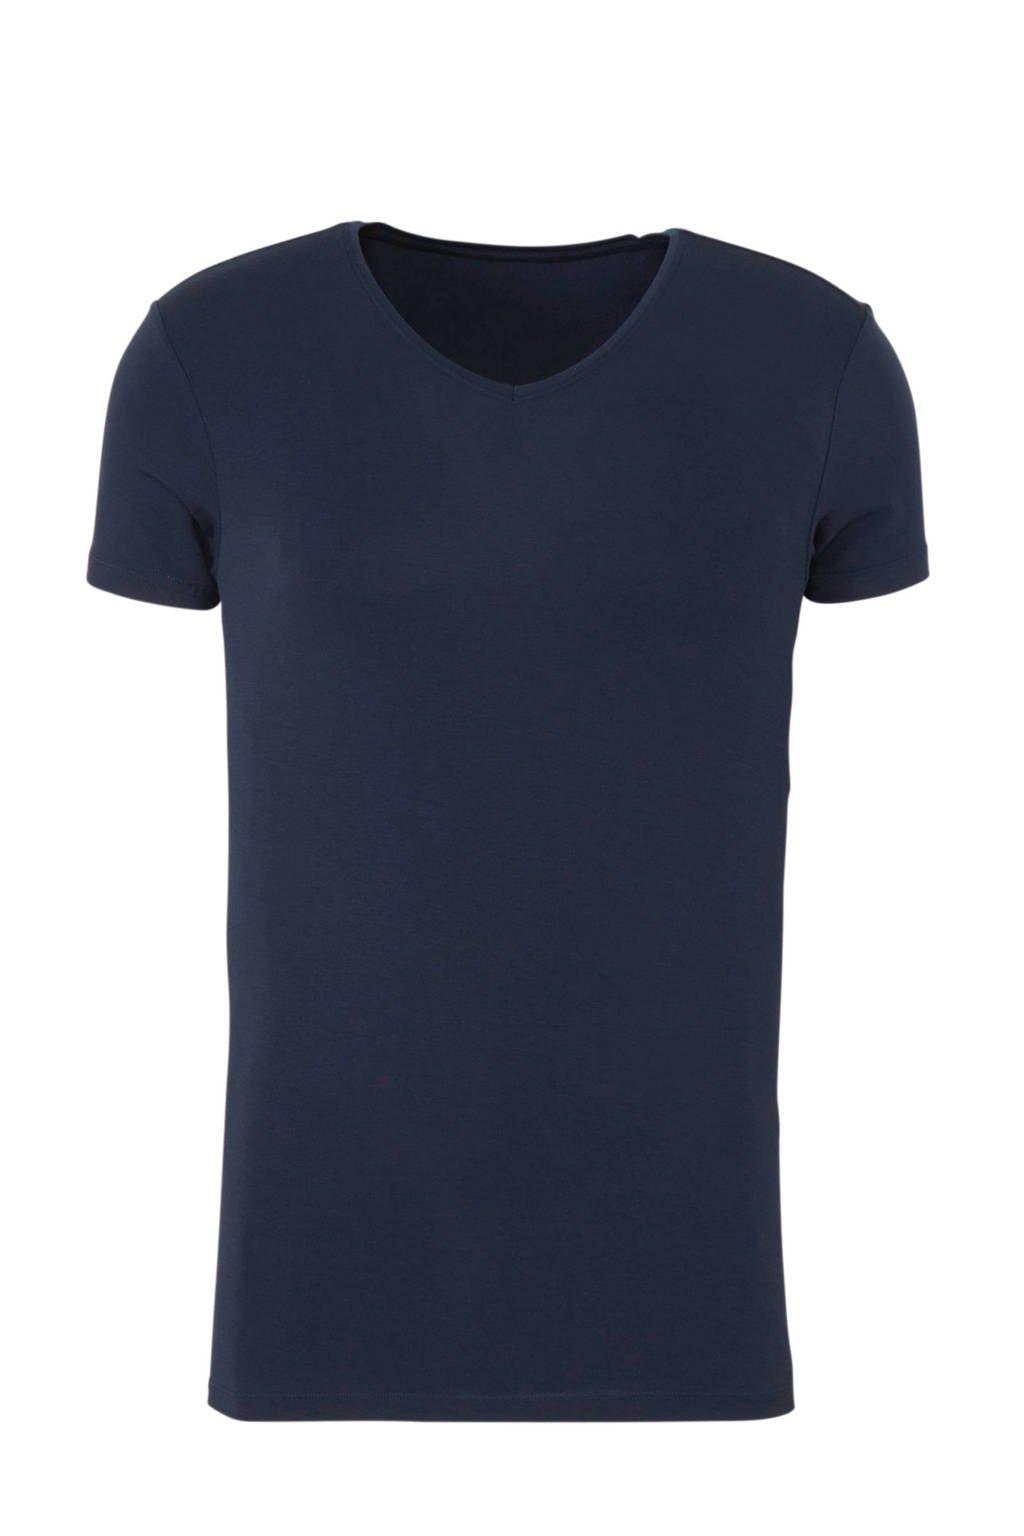 ten Cate Men Bamboo T-shirt donkerblauw, Donkerblauw